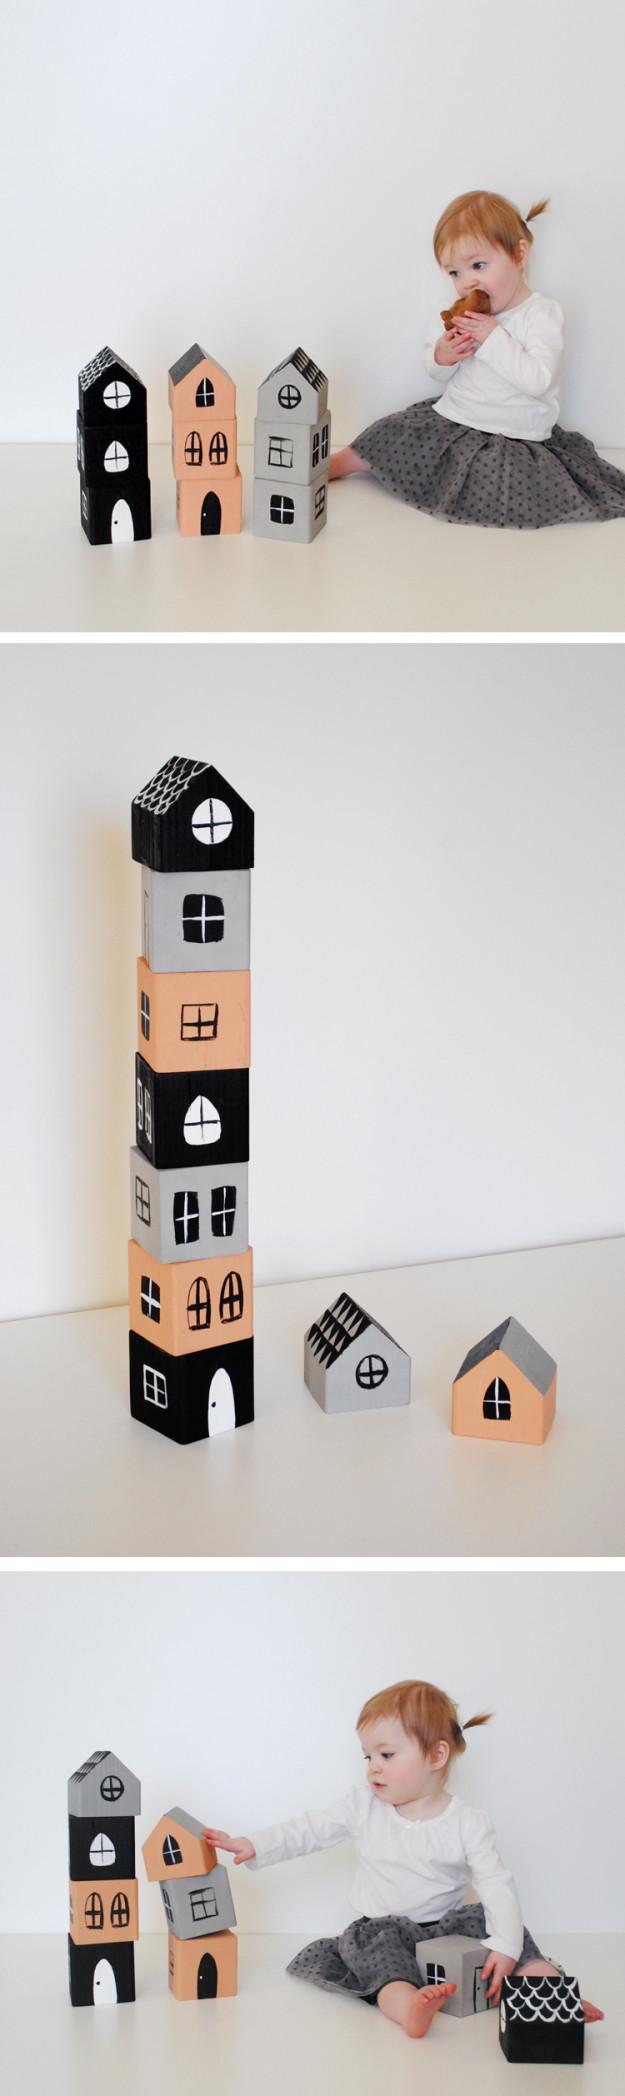 кубики2